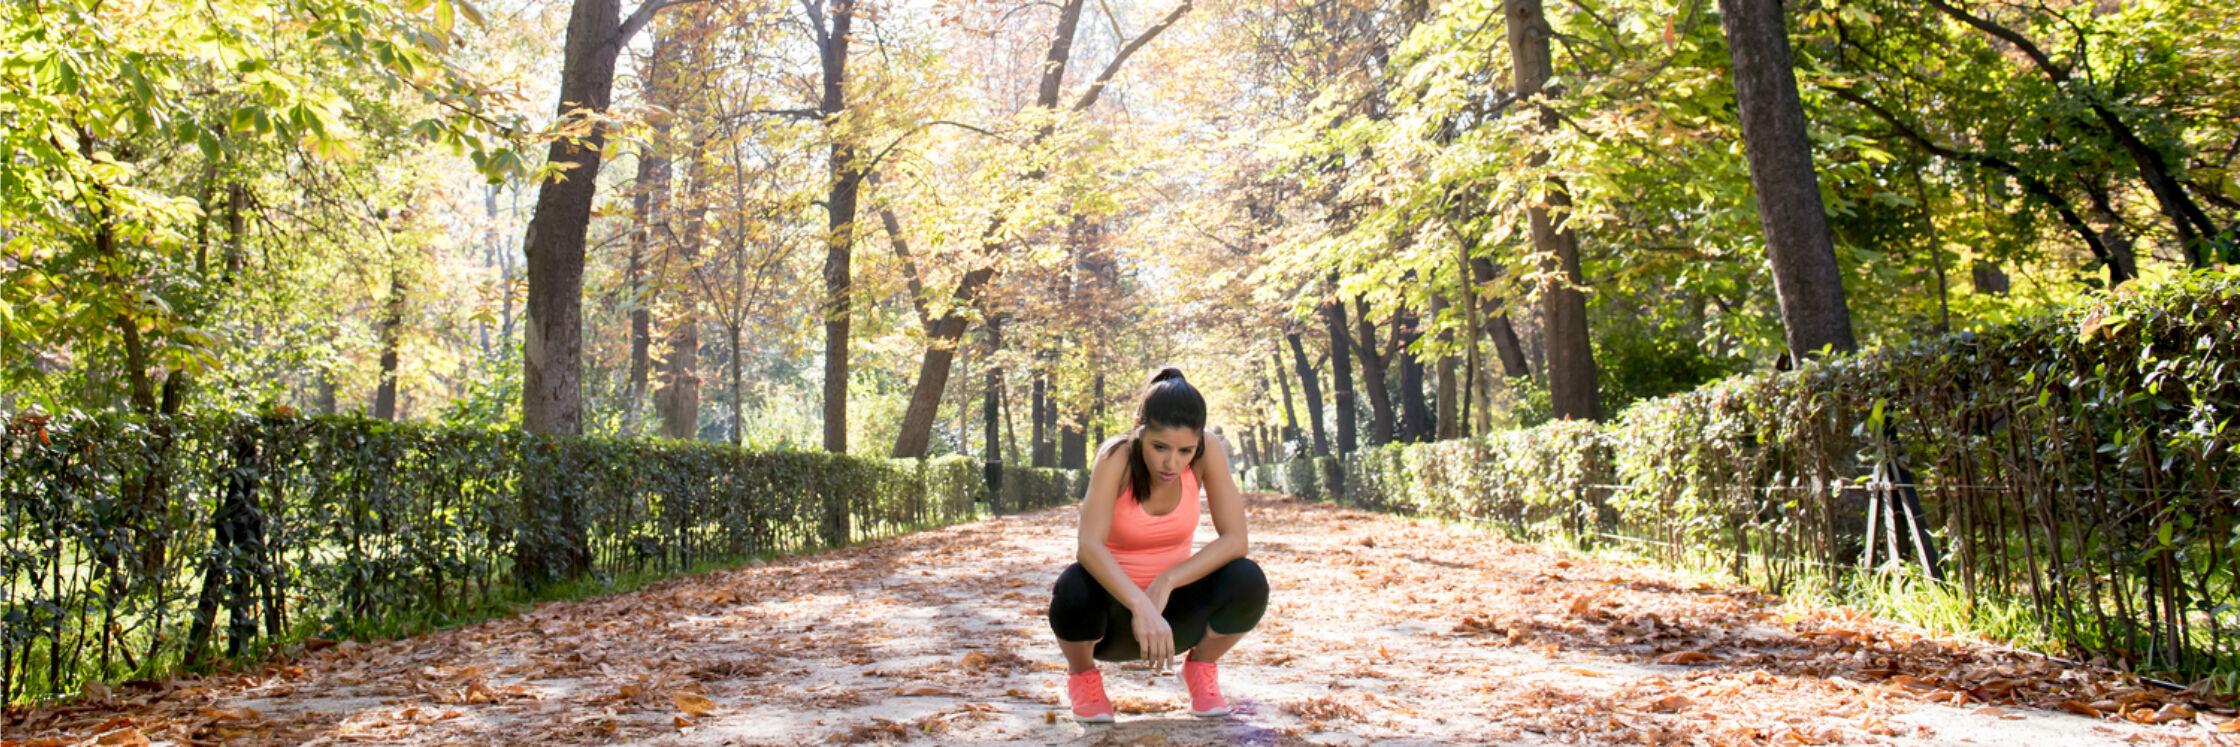 Wat te doen bij darmklachten tijdens het hardlopen?